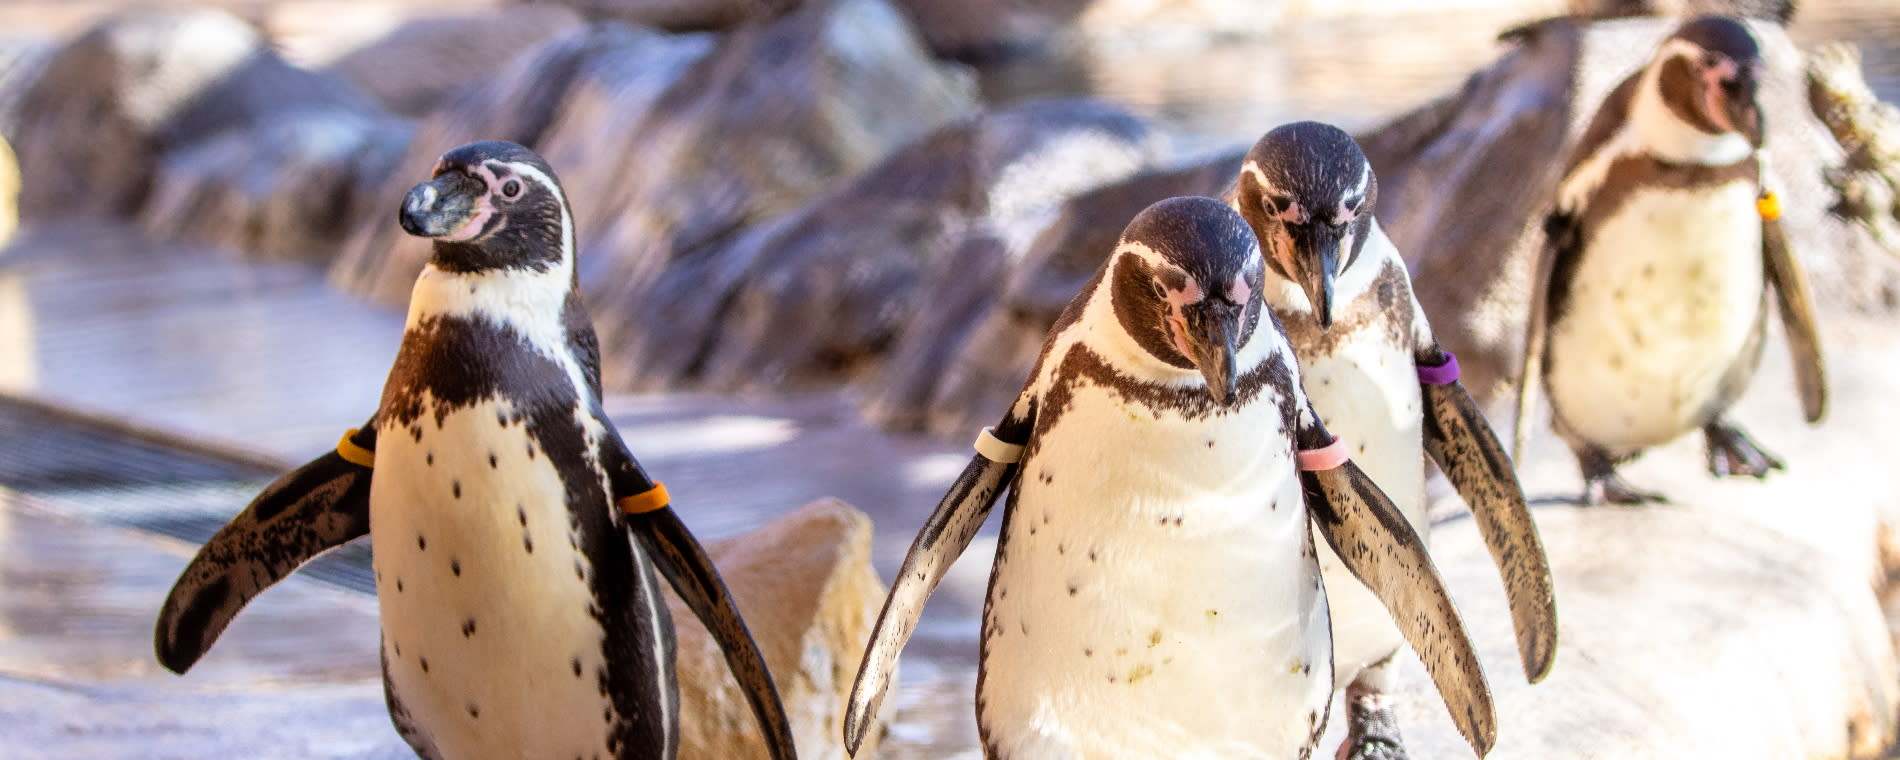 Sedgwick County Zoo Humboldt Penguin